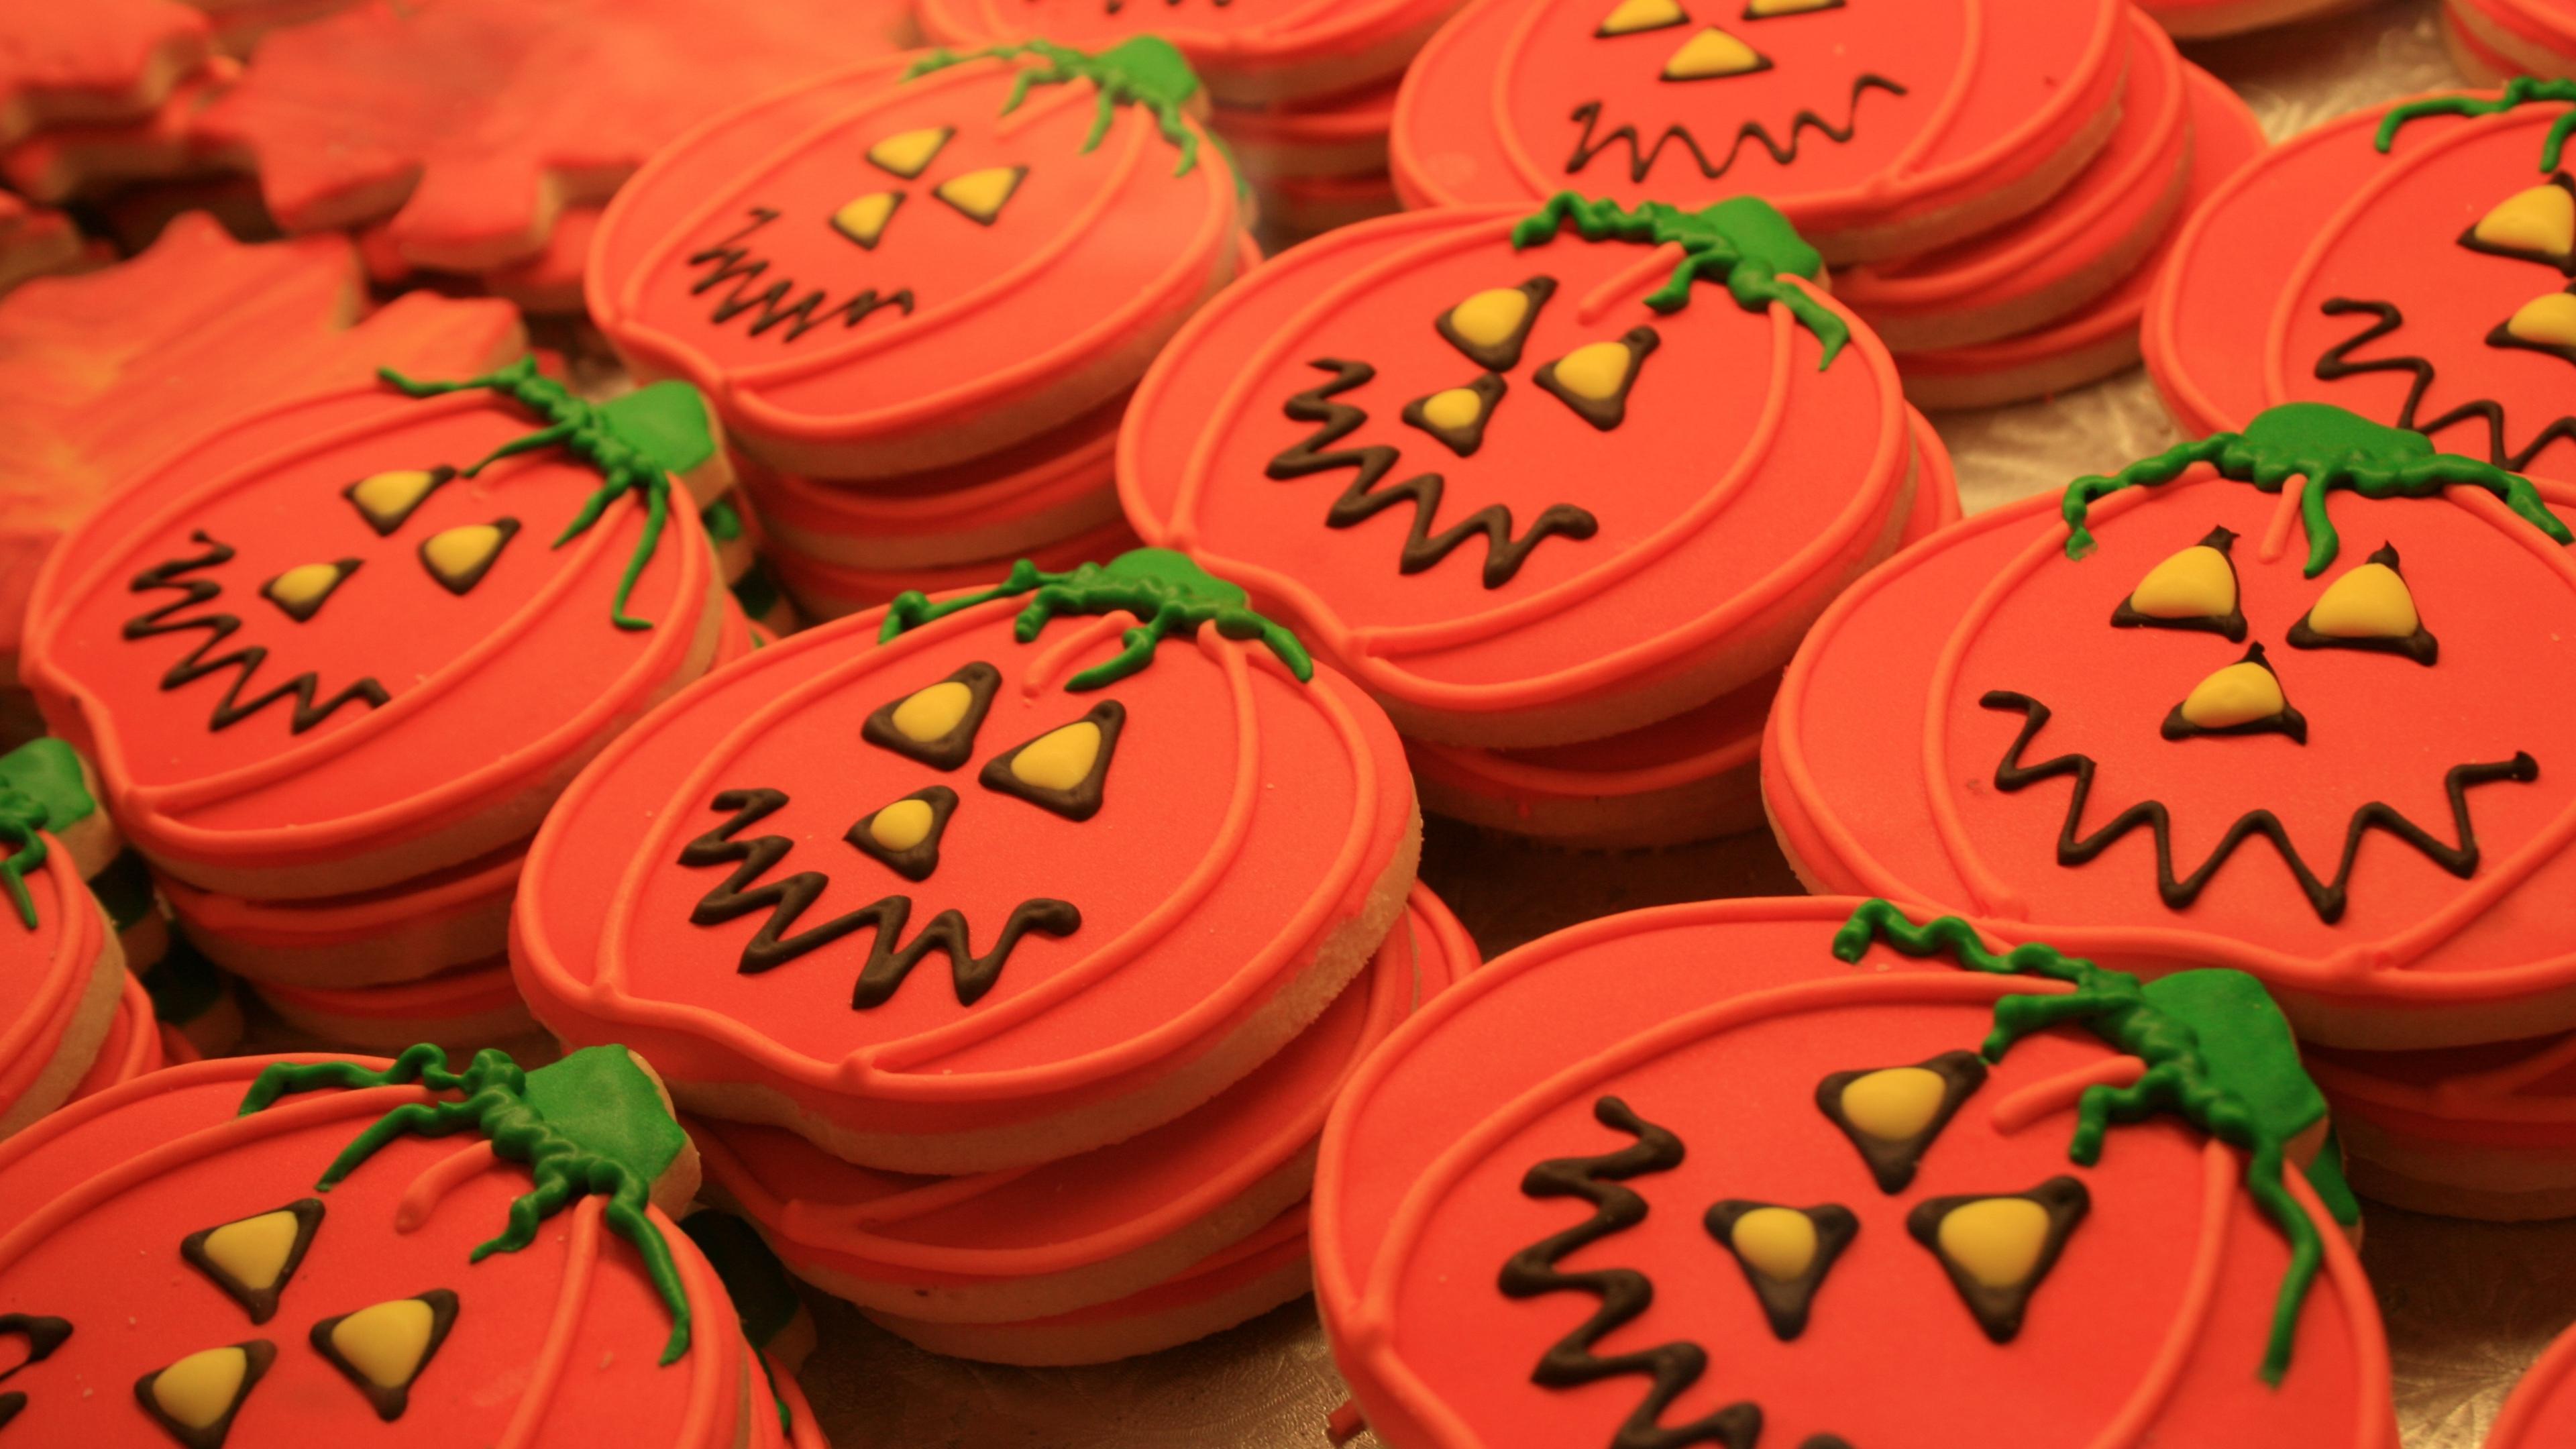 halloween pumpkin cookies frosting 4k 1538344719 - halloween, pumpkin, cookies, frosting 4k - pumpkin, halloween, cookies